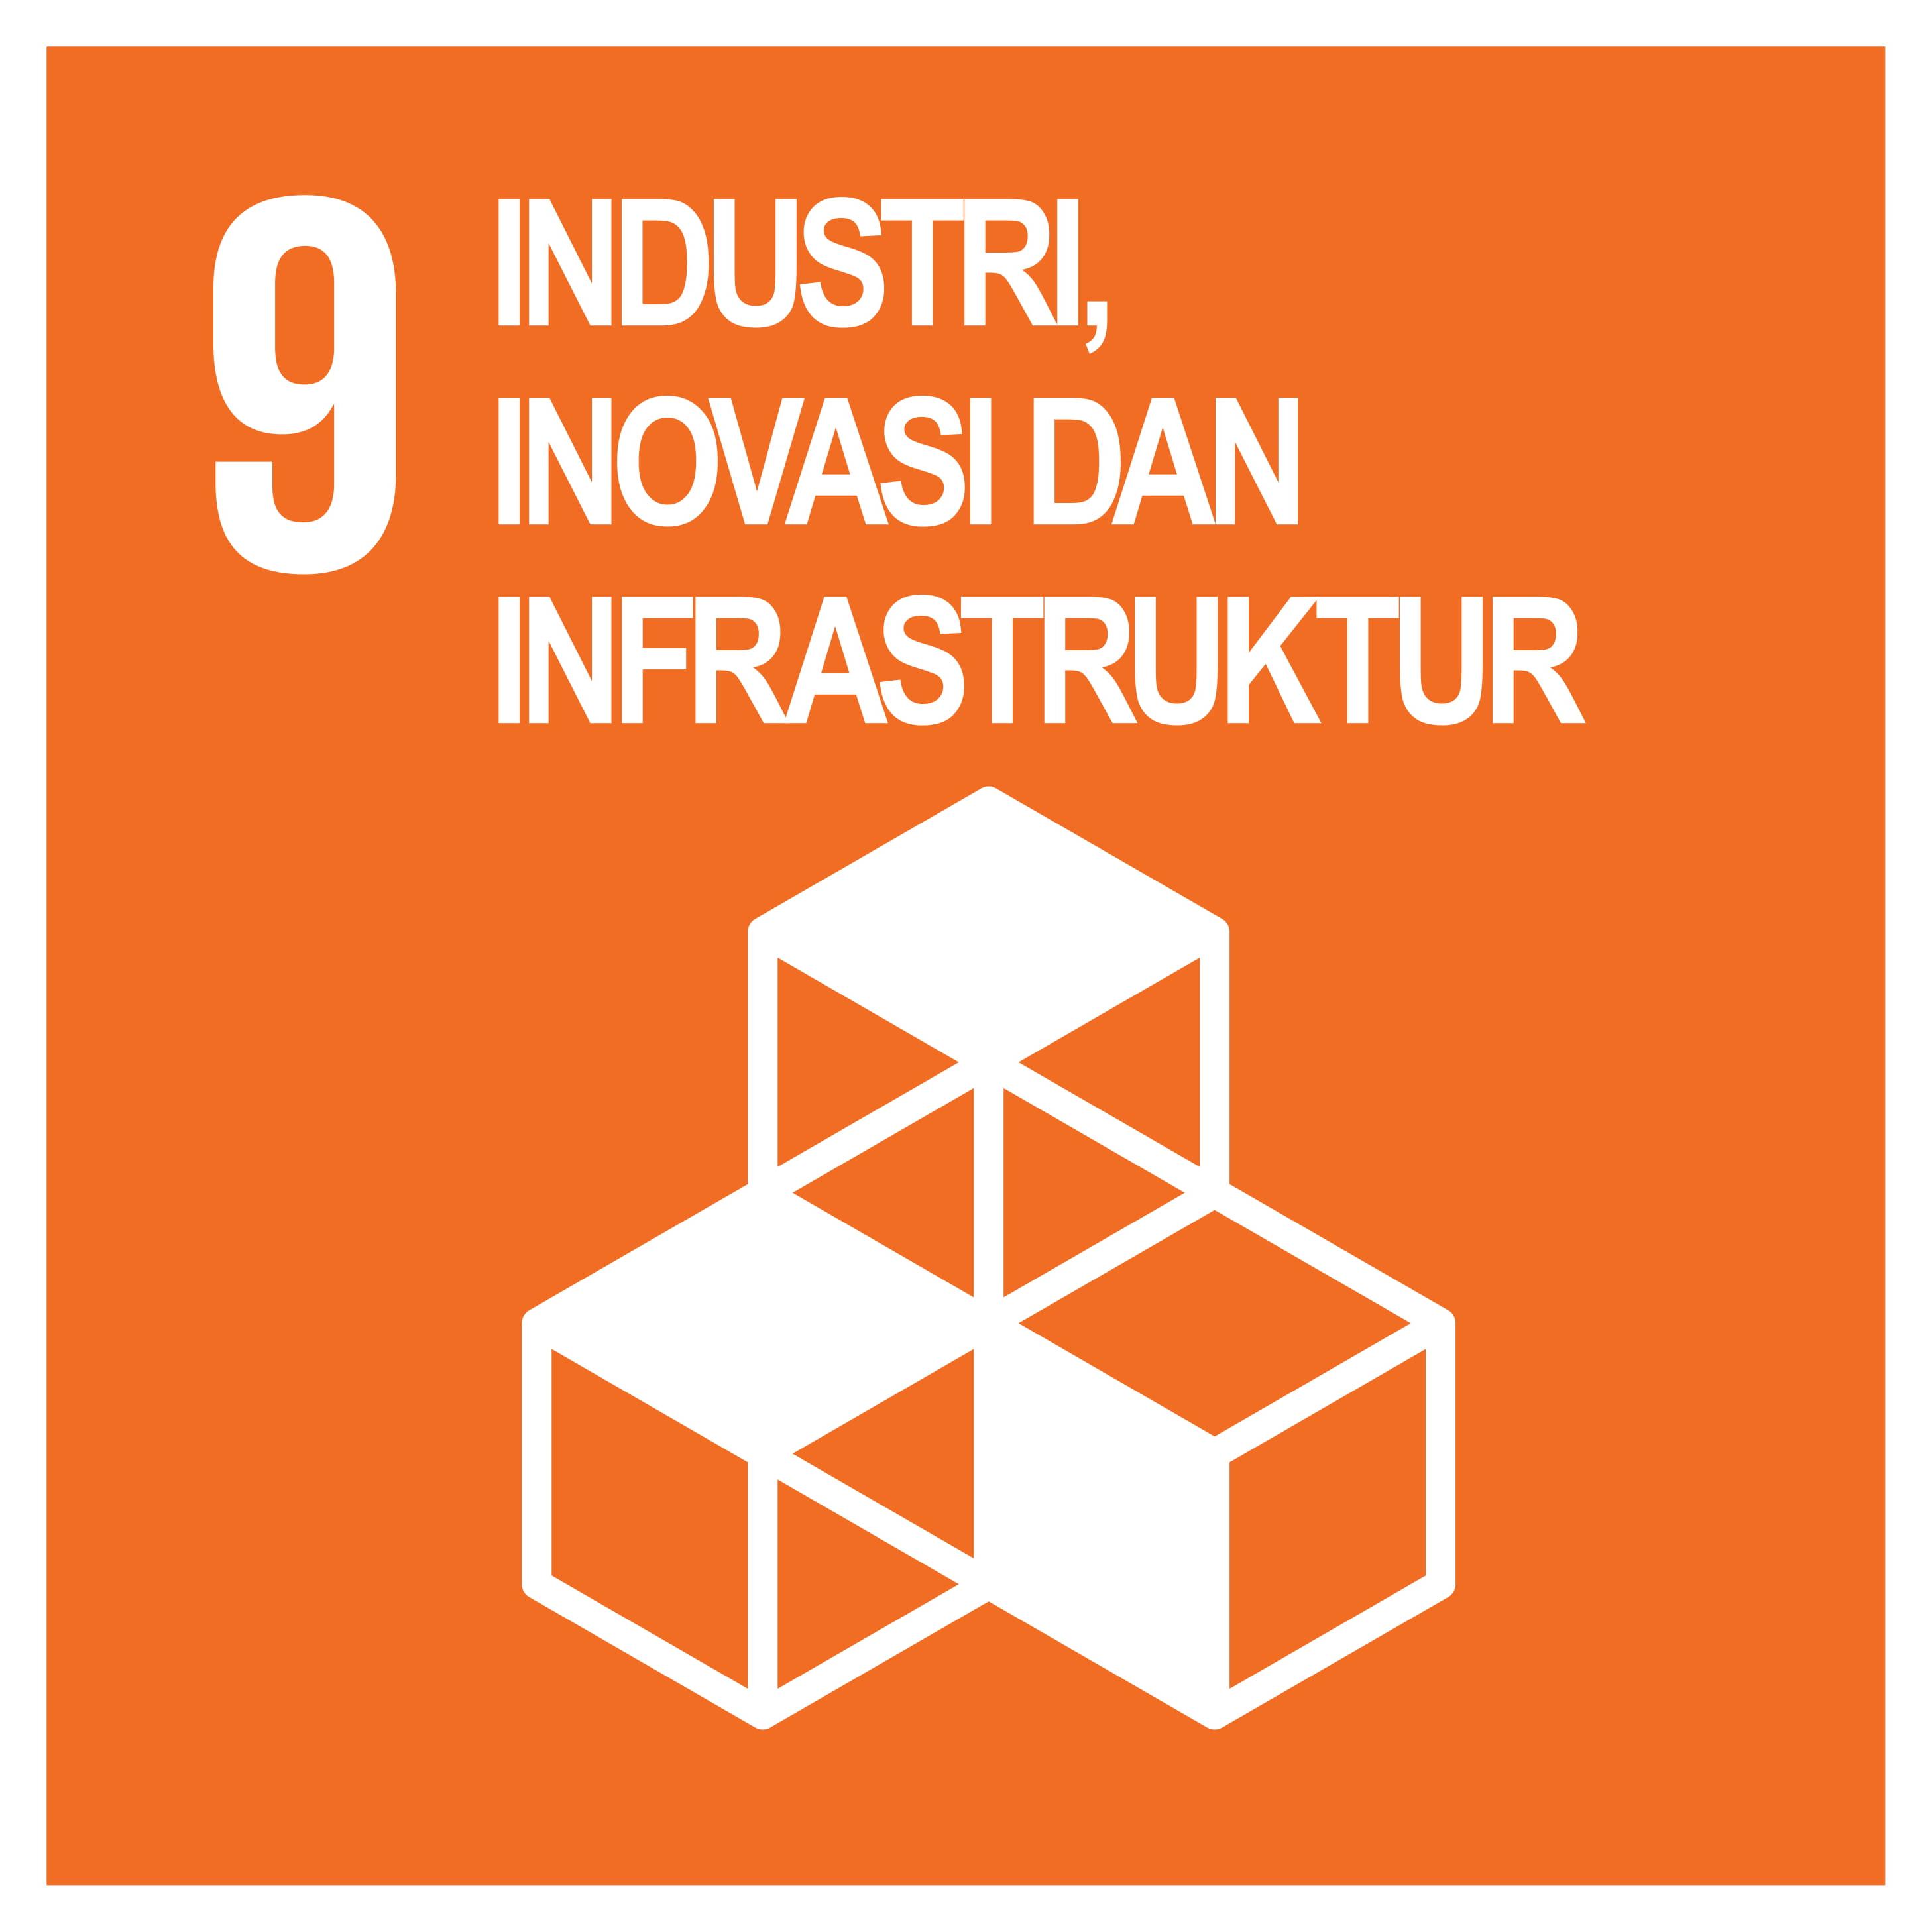 Industri, Inovasi dan Infrastruktur